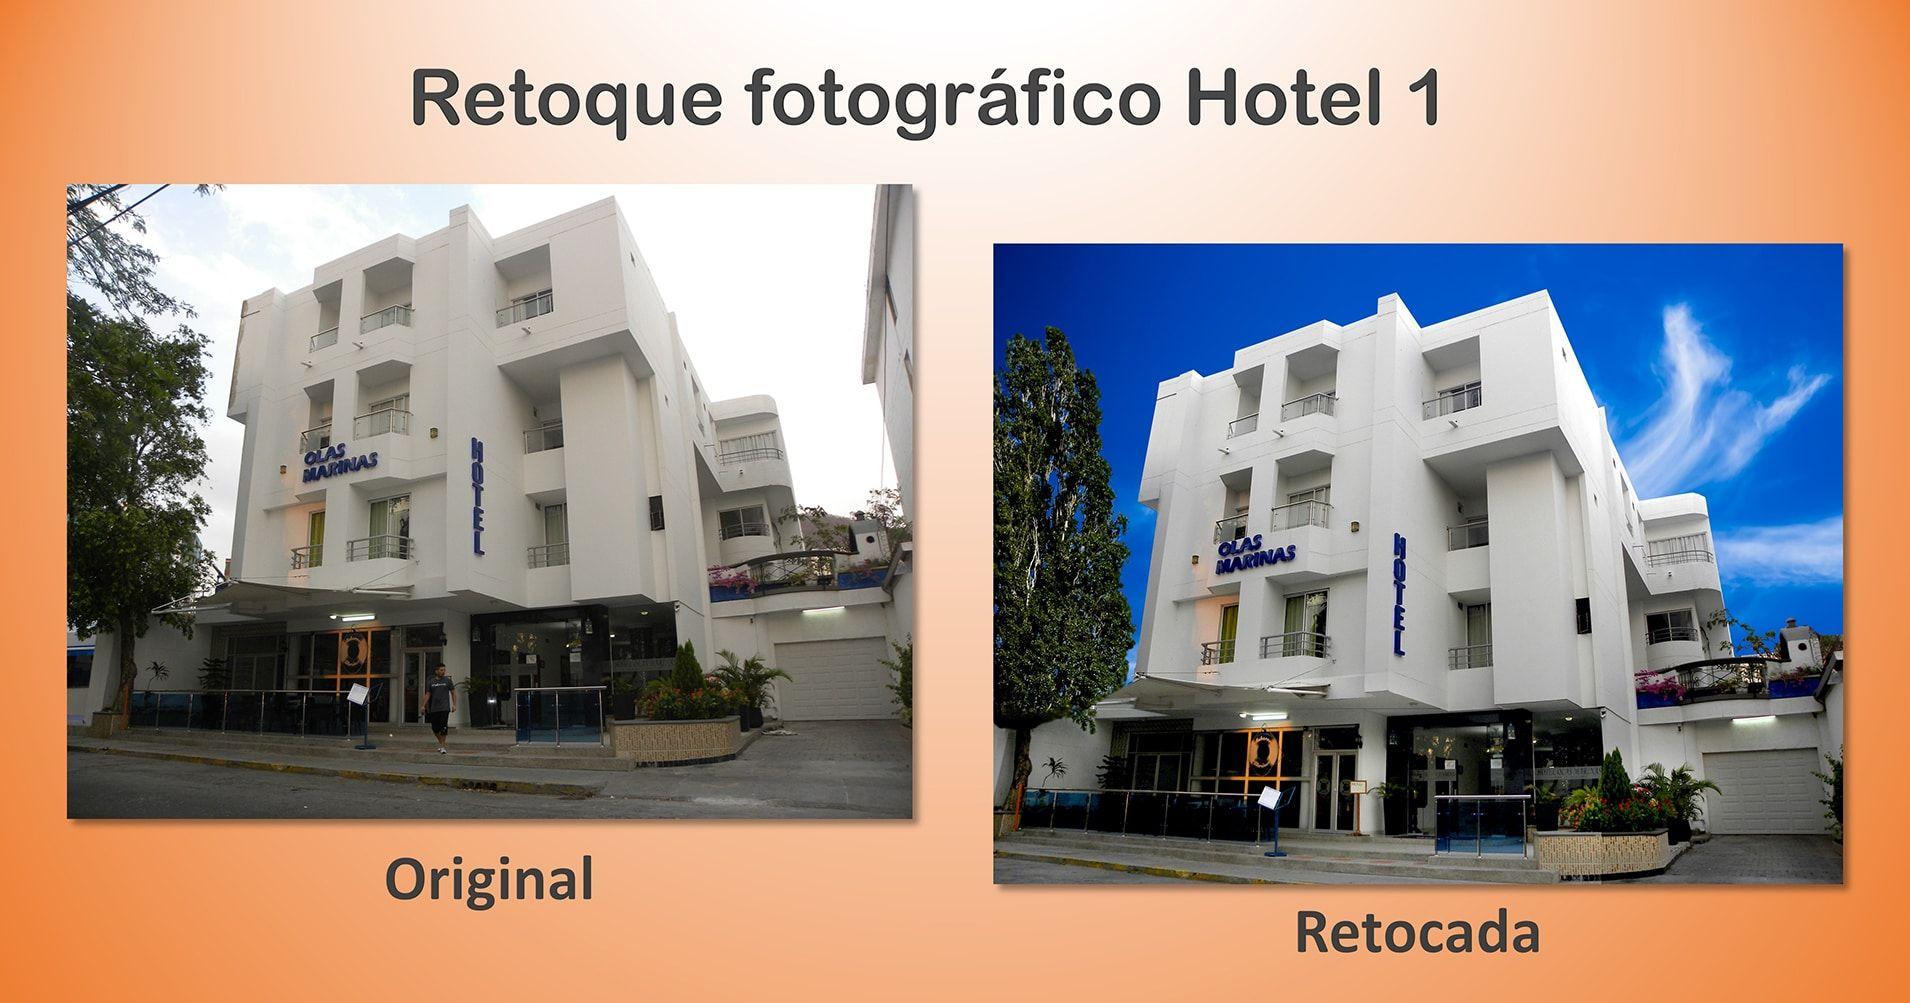 retoque-fotográfico-de-fachada-de-hotel-olas-marinas-1910x1000